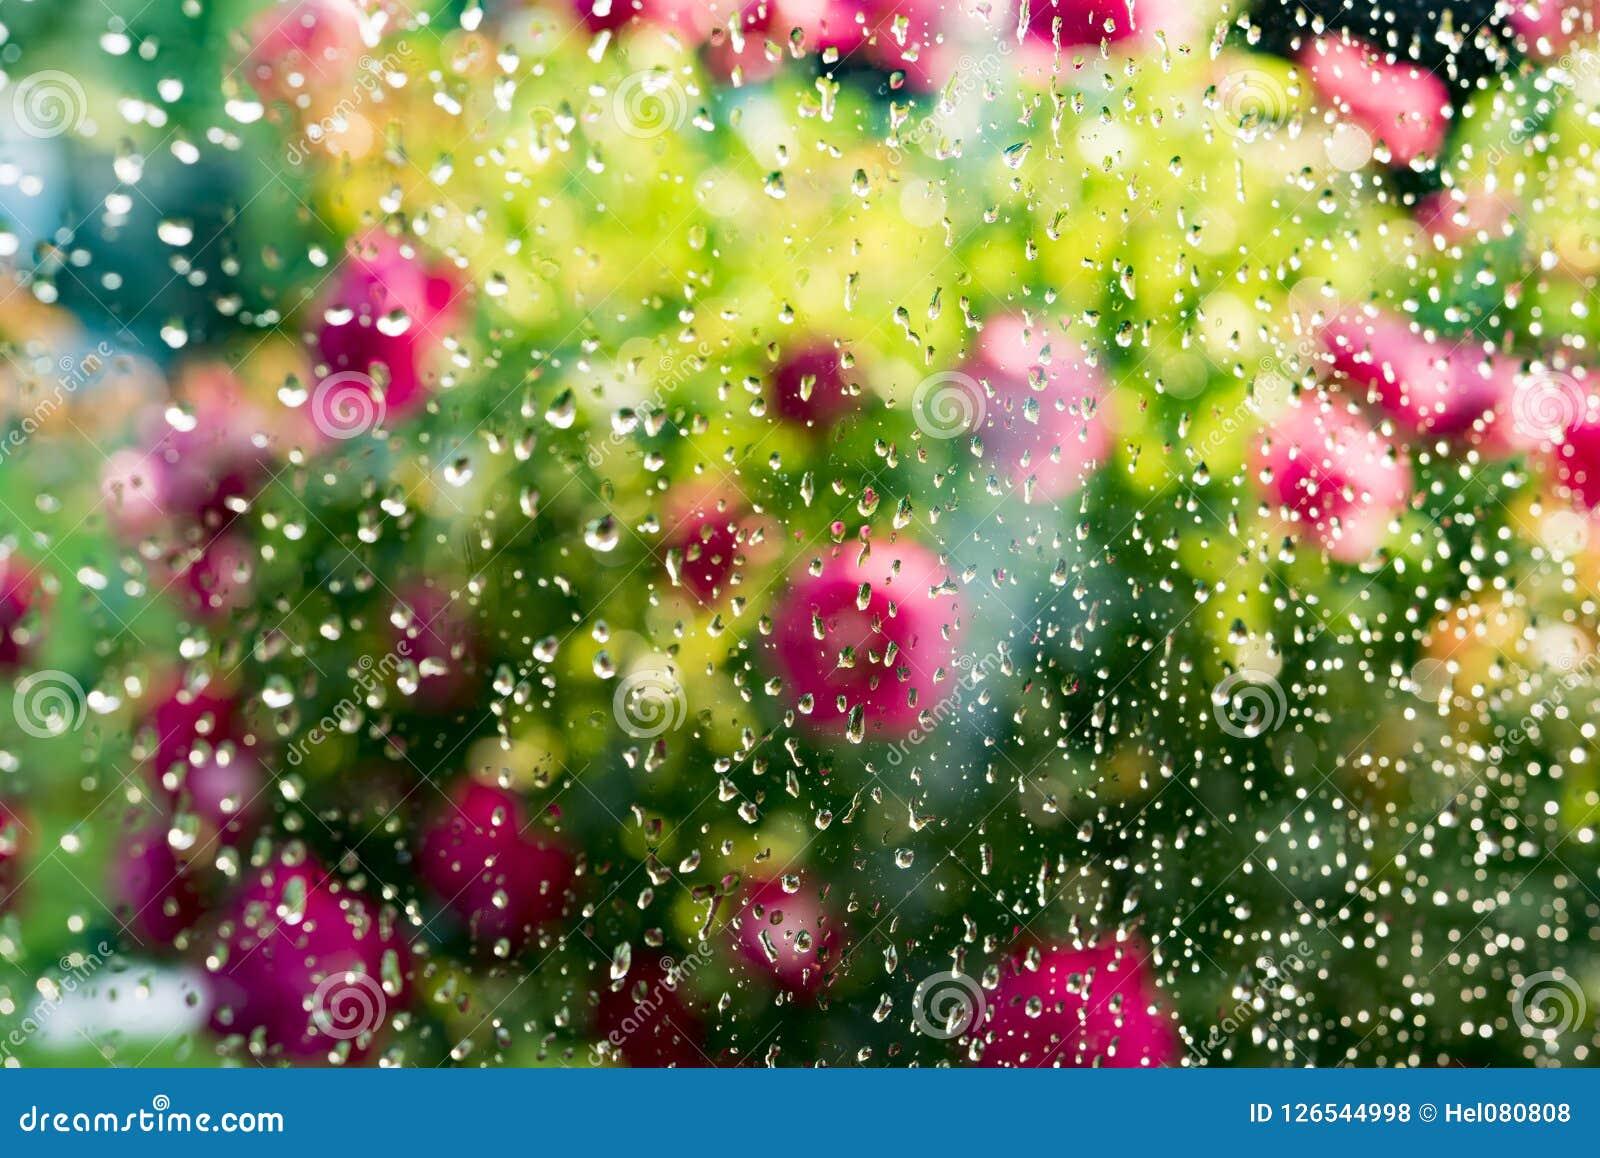 Дождь лета на окне Запачканный цветя куст роз за стеклом окна с дождевыми каплями